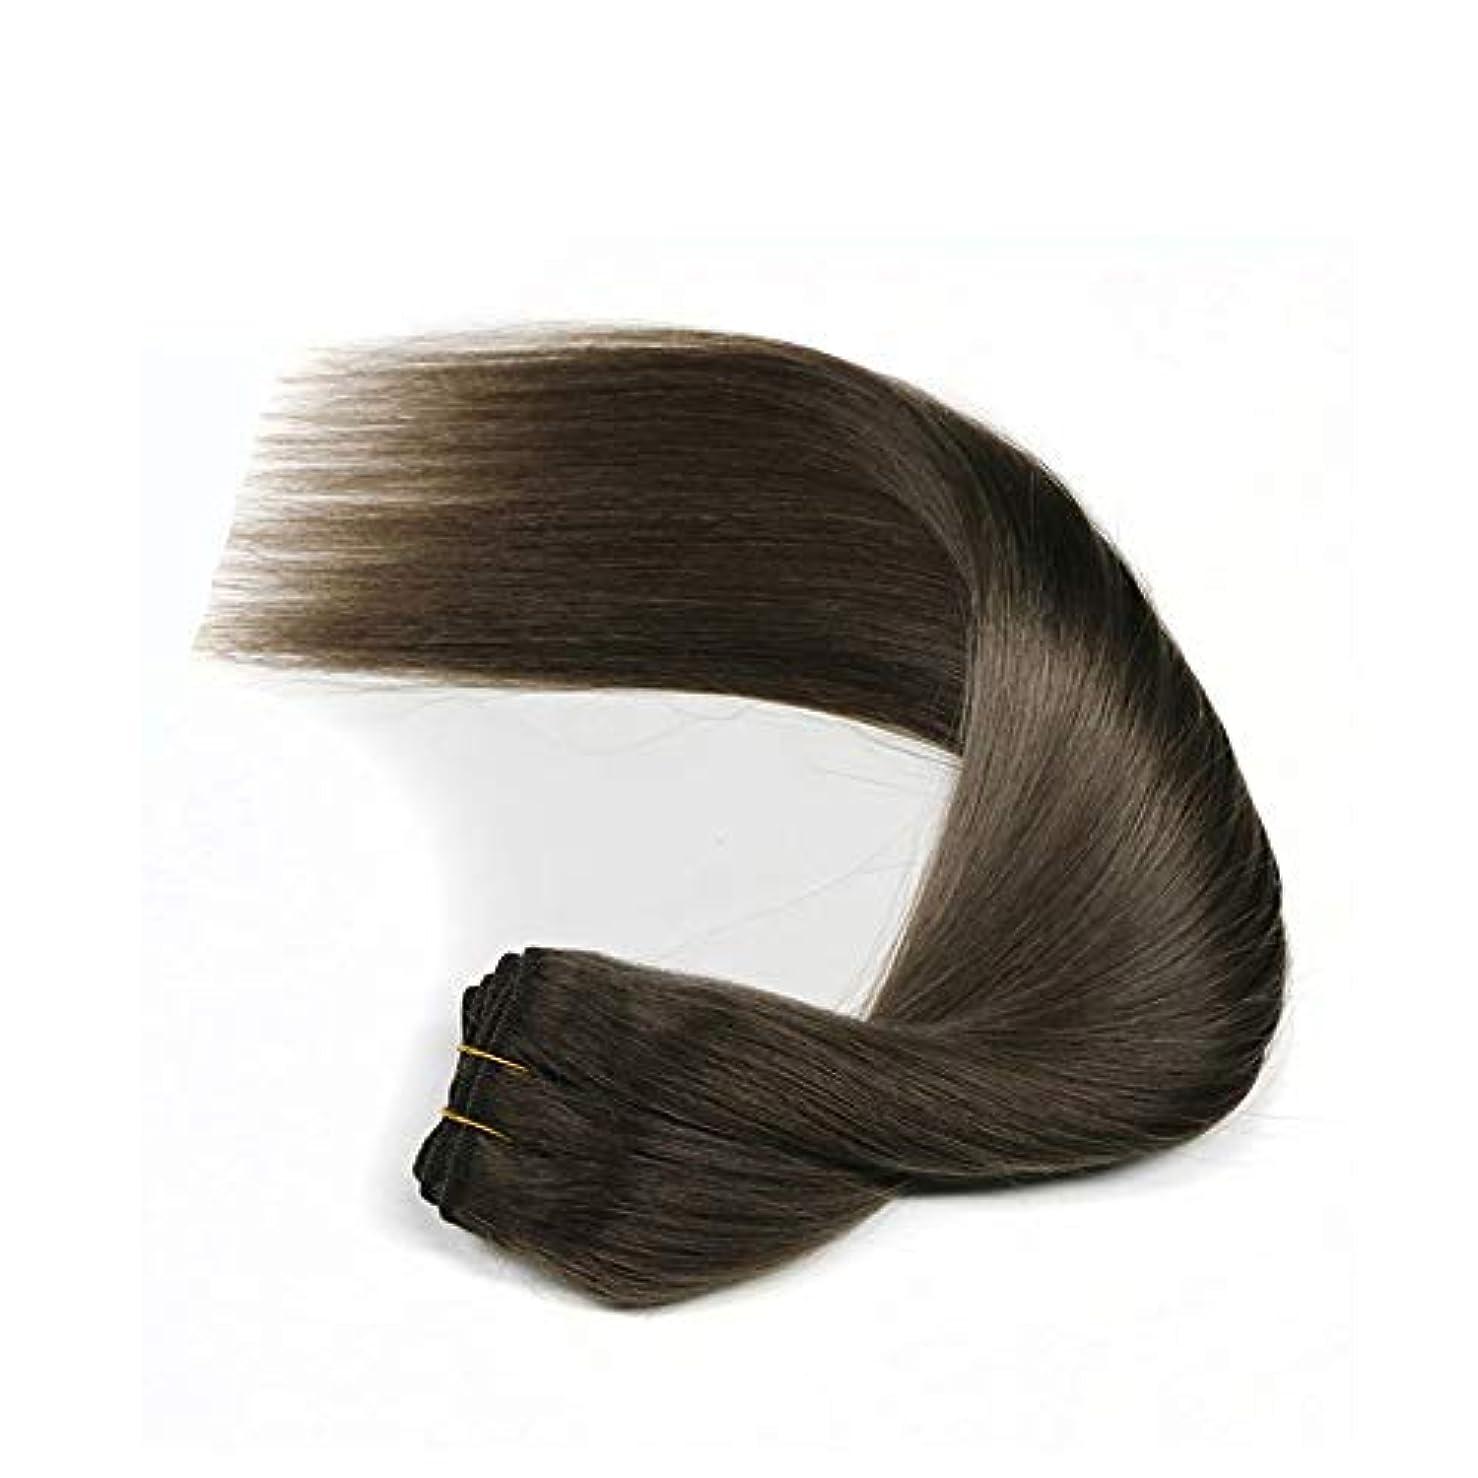 混合ファブリック時計JULYTER 女性のためのブラジルの100%未処理の人間の髪の束ストレートヘア生物学的な黒いSemblance (色 : Natural color, サイズ : 20 inch)